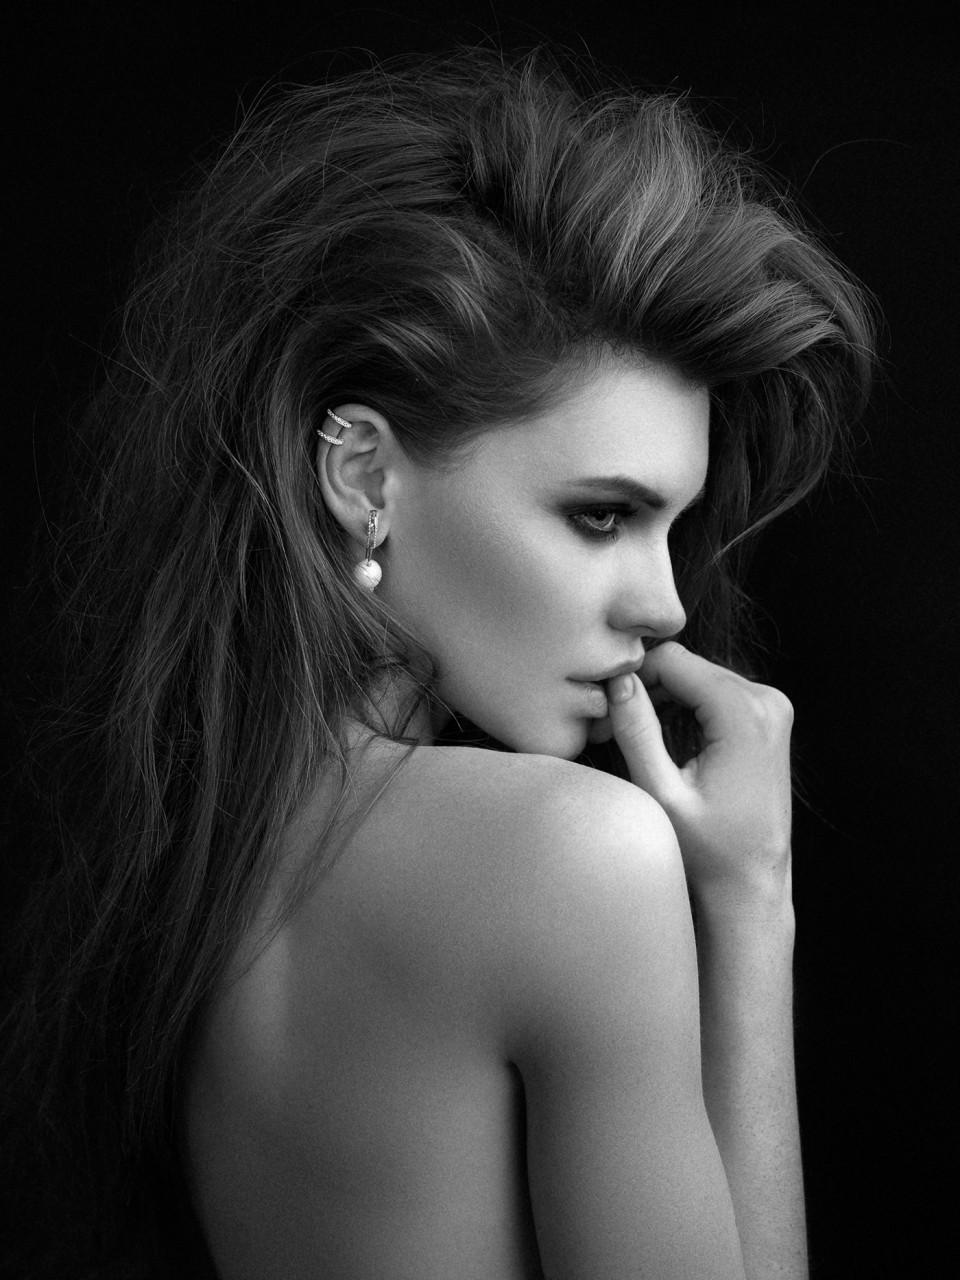 Дмитрий Бочаров Черно-белая фотография красоты